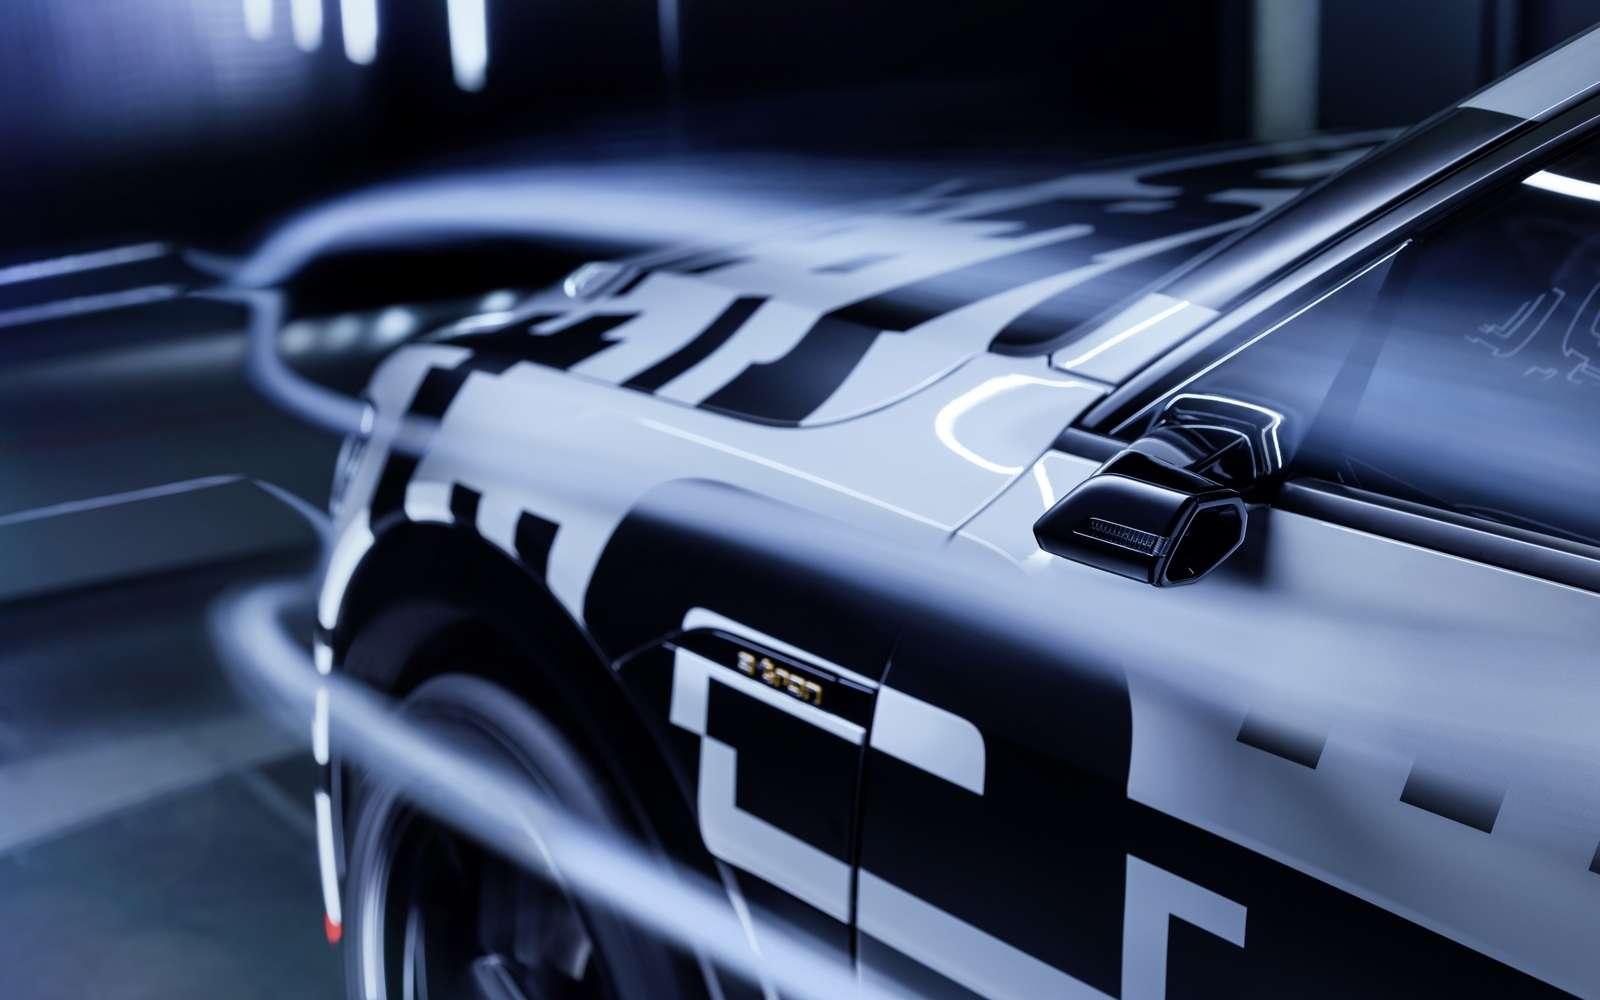 L'Audi e-tron affiche un coefficient de traînée extrêmement faible grâce notamment au remplacement des rétroviseurs par des caméras. © Audi